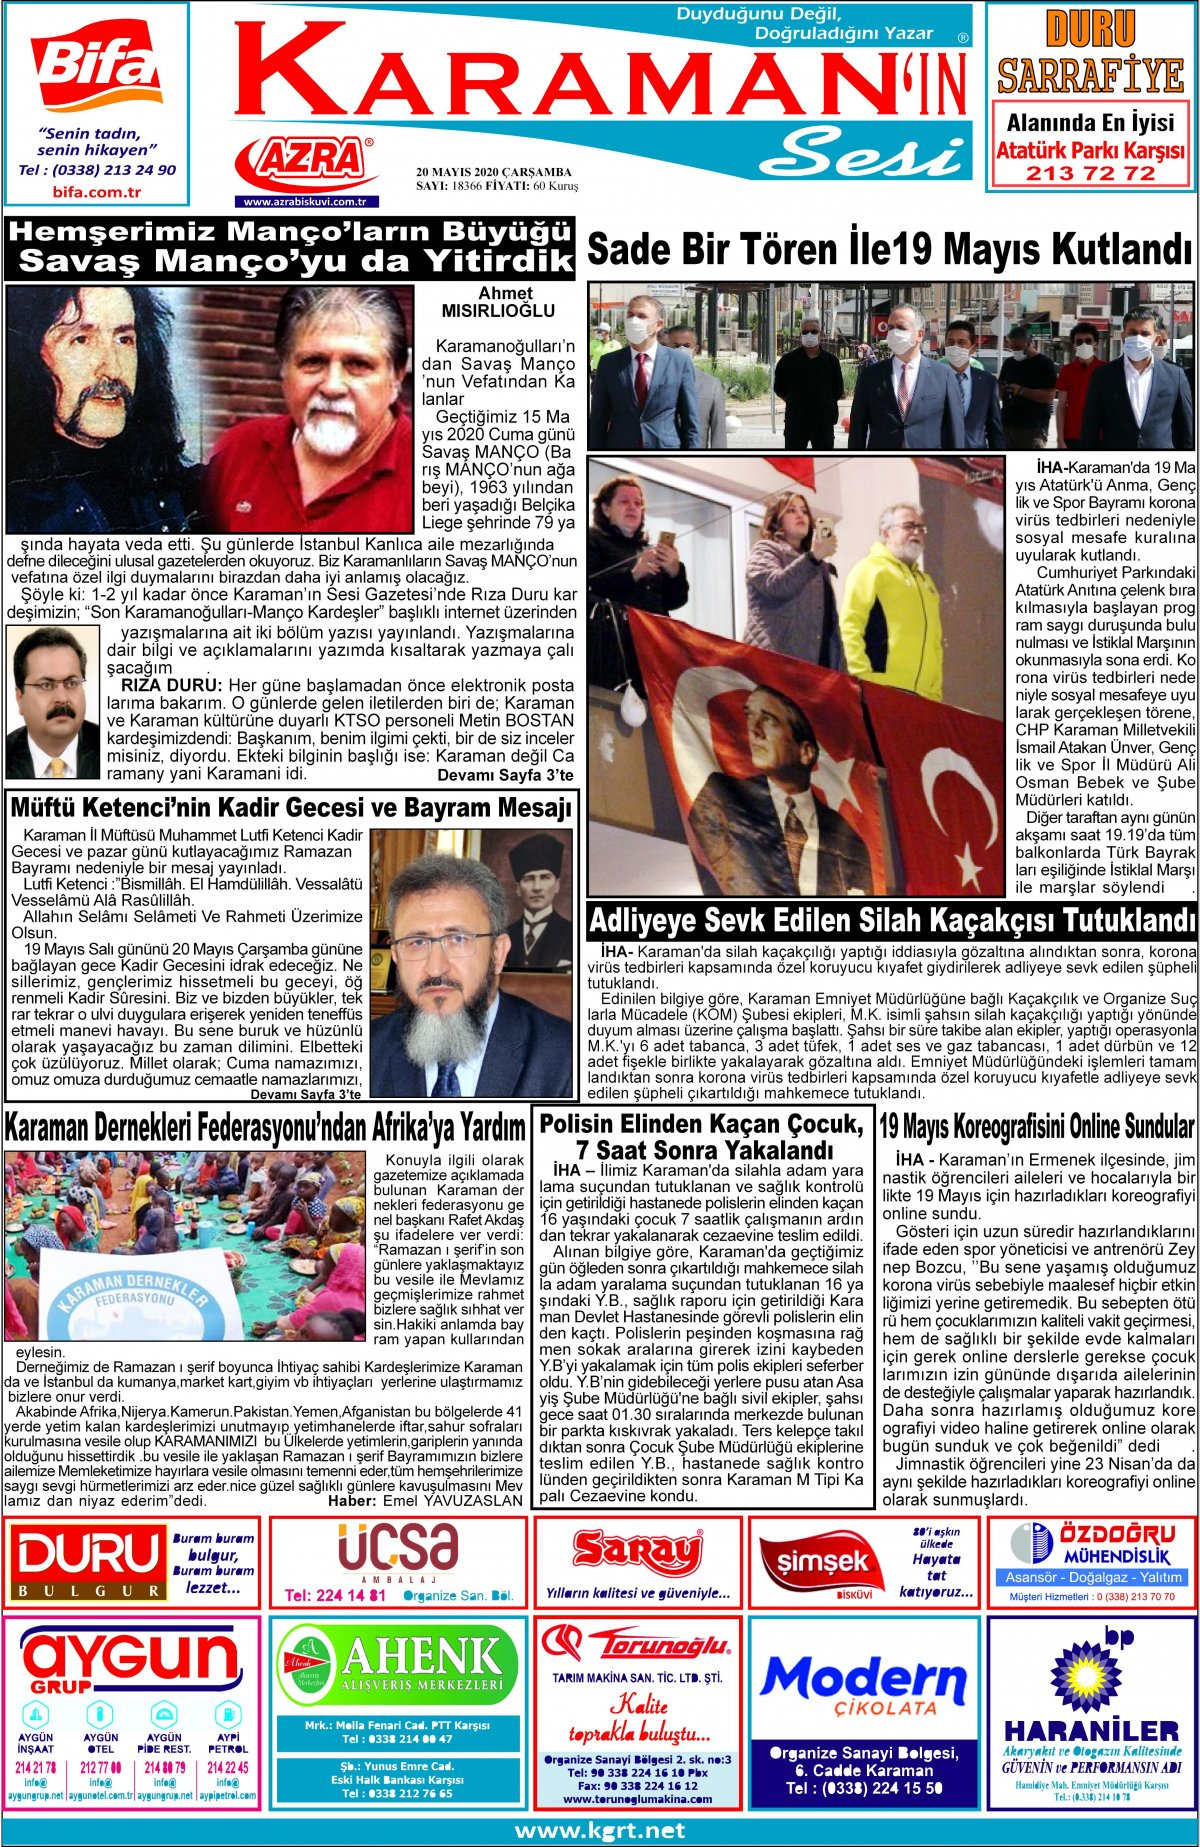 www.kgrt.net | Karaman Haber - 20.05.2020 Manşeti